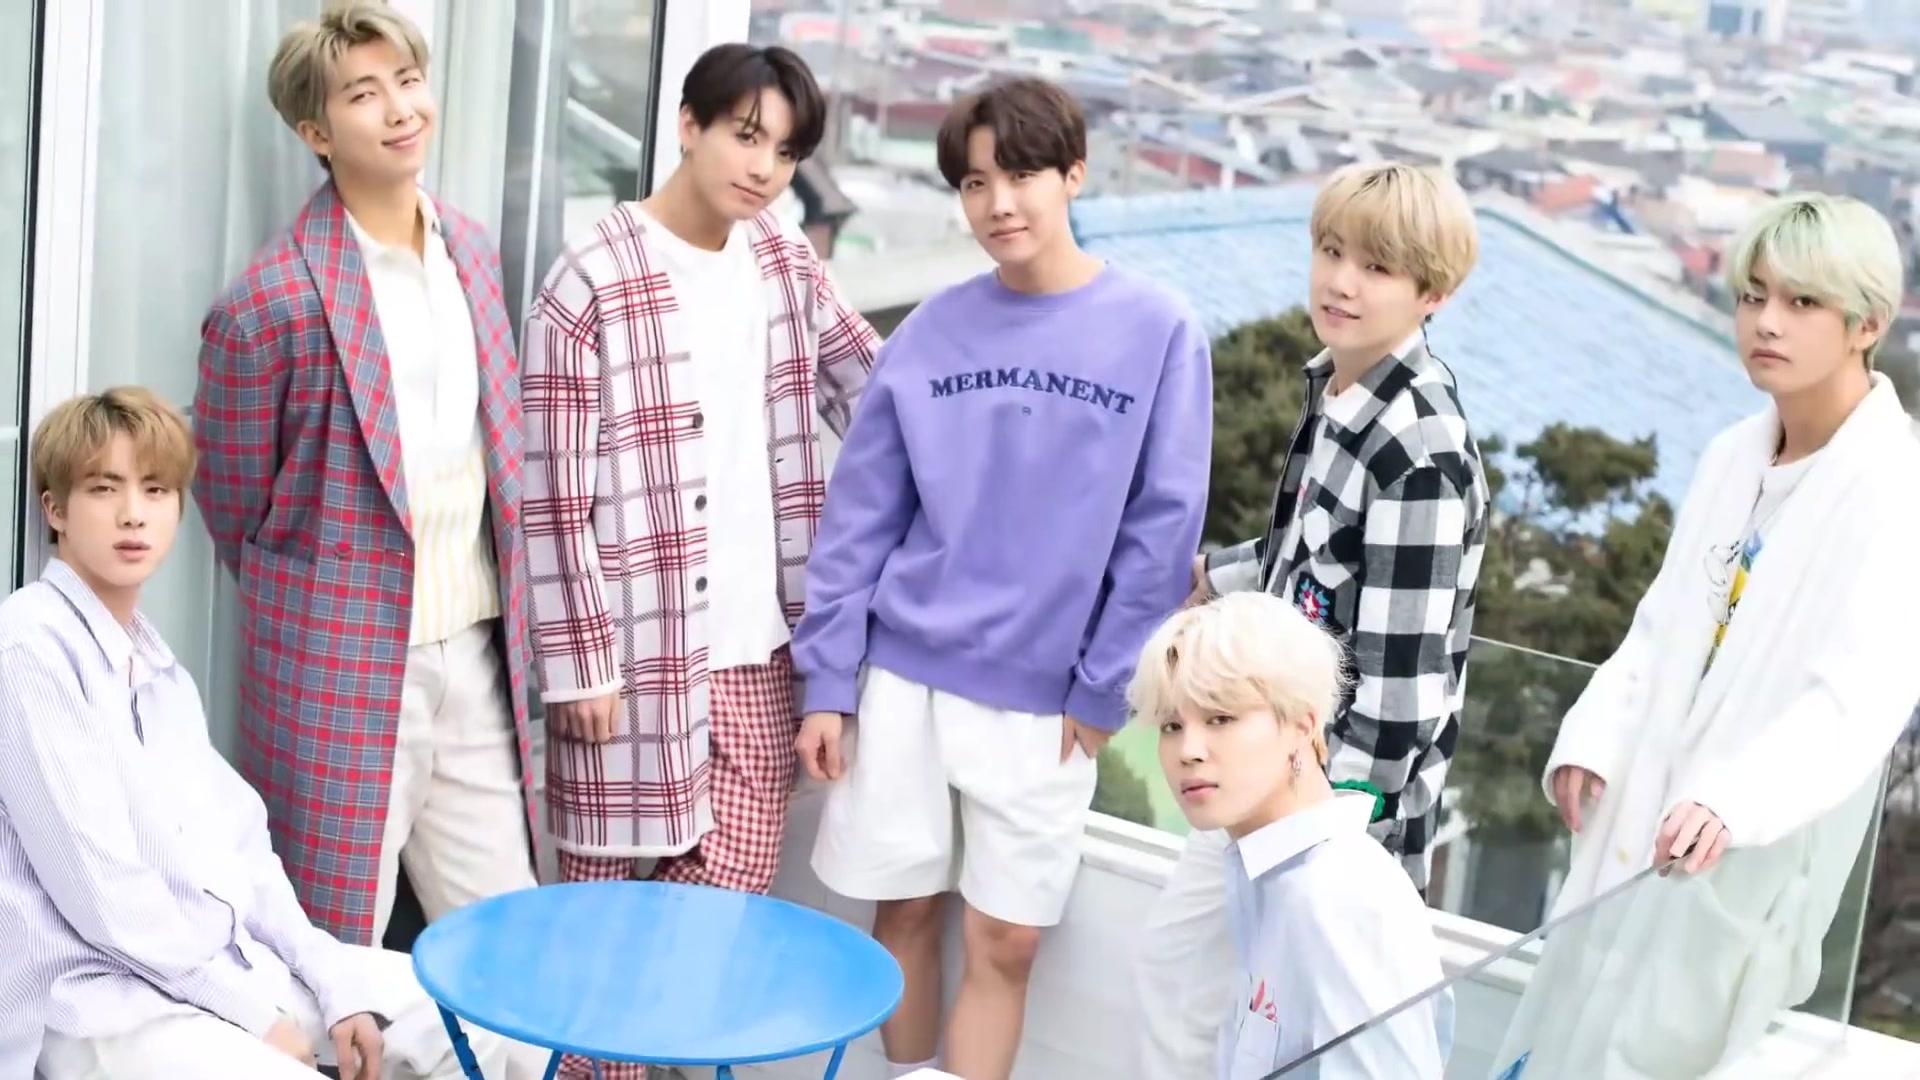 BTS là tên một nhóm nhạc Hàn Quốc với 7 thành viên nam